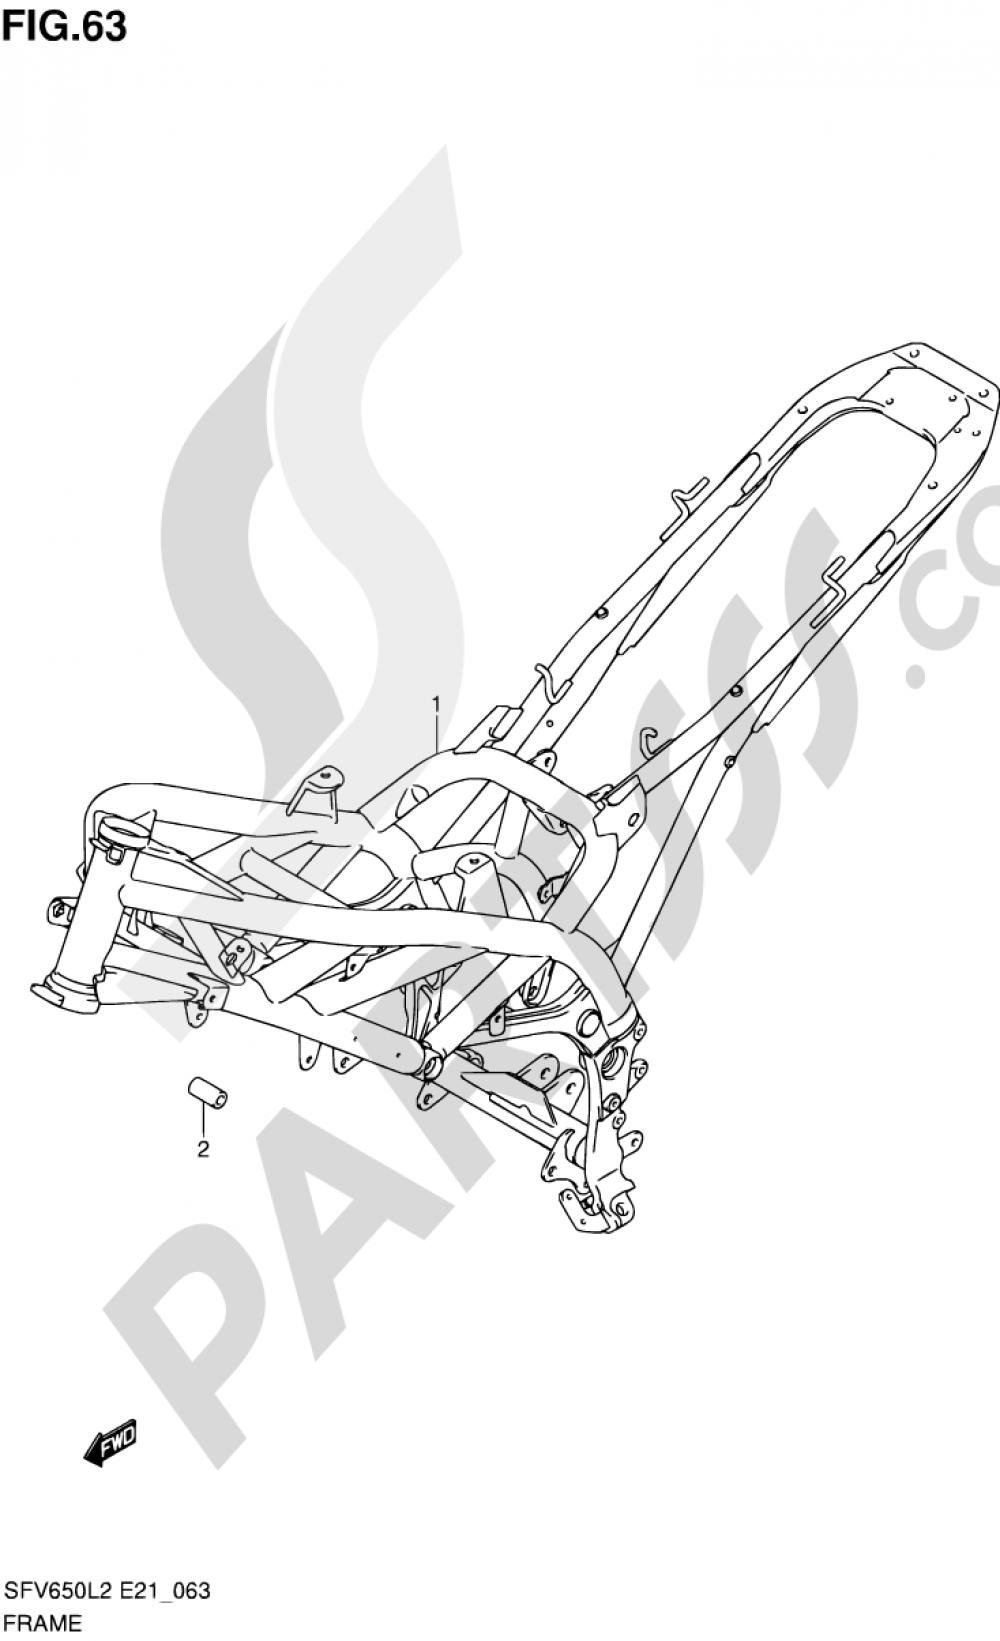 63 - FRAME (SFV650L2 E21) Suzuki GLADIUS SFV650A 2012